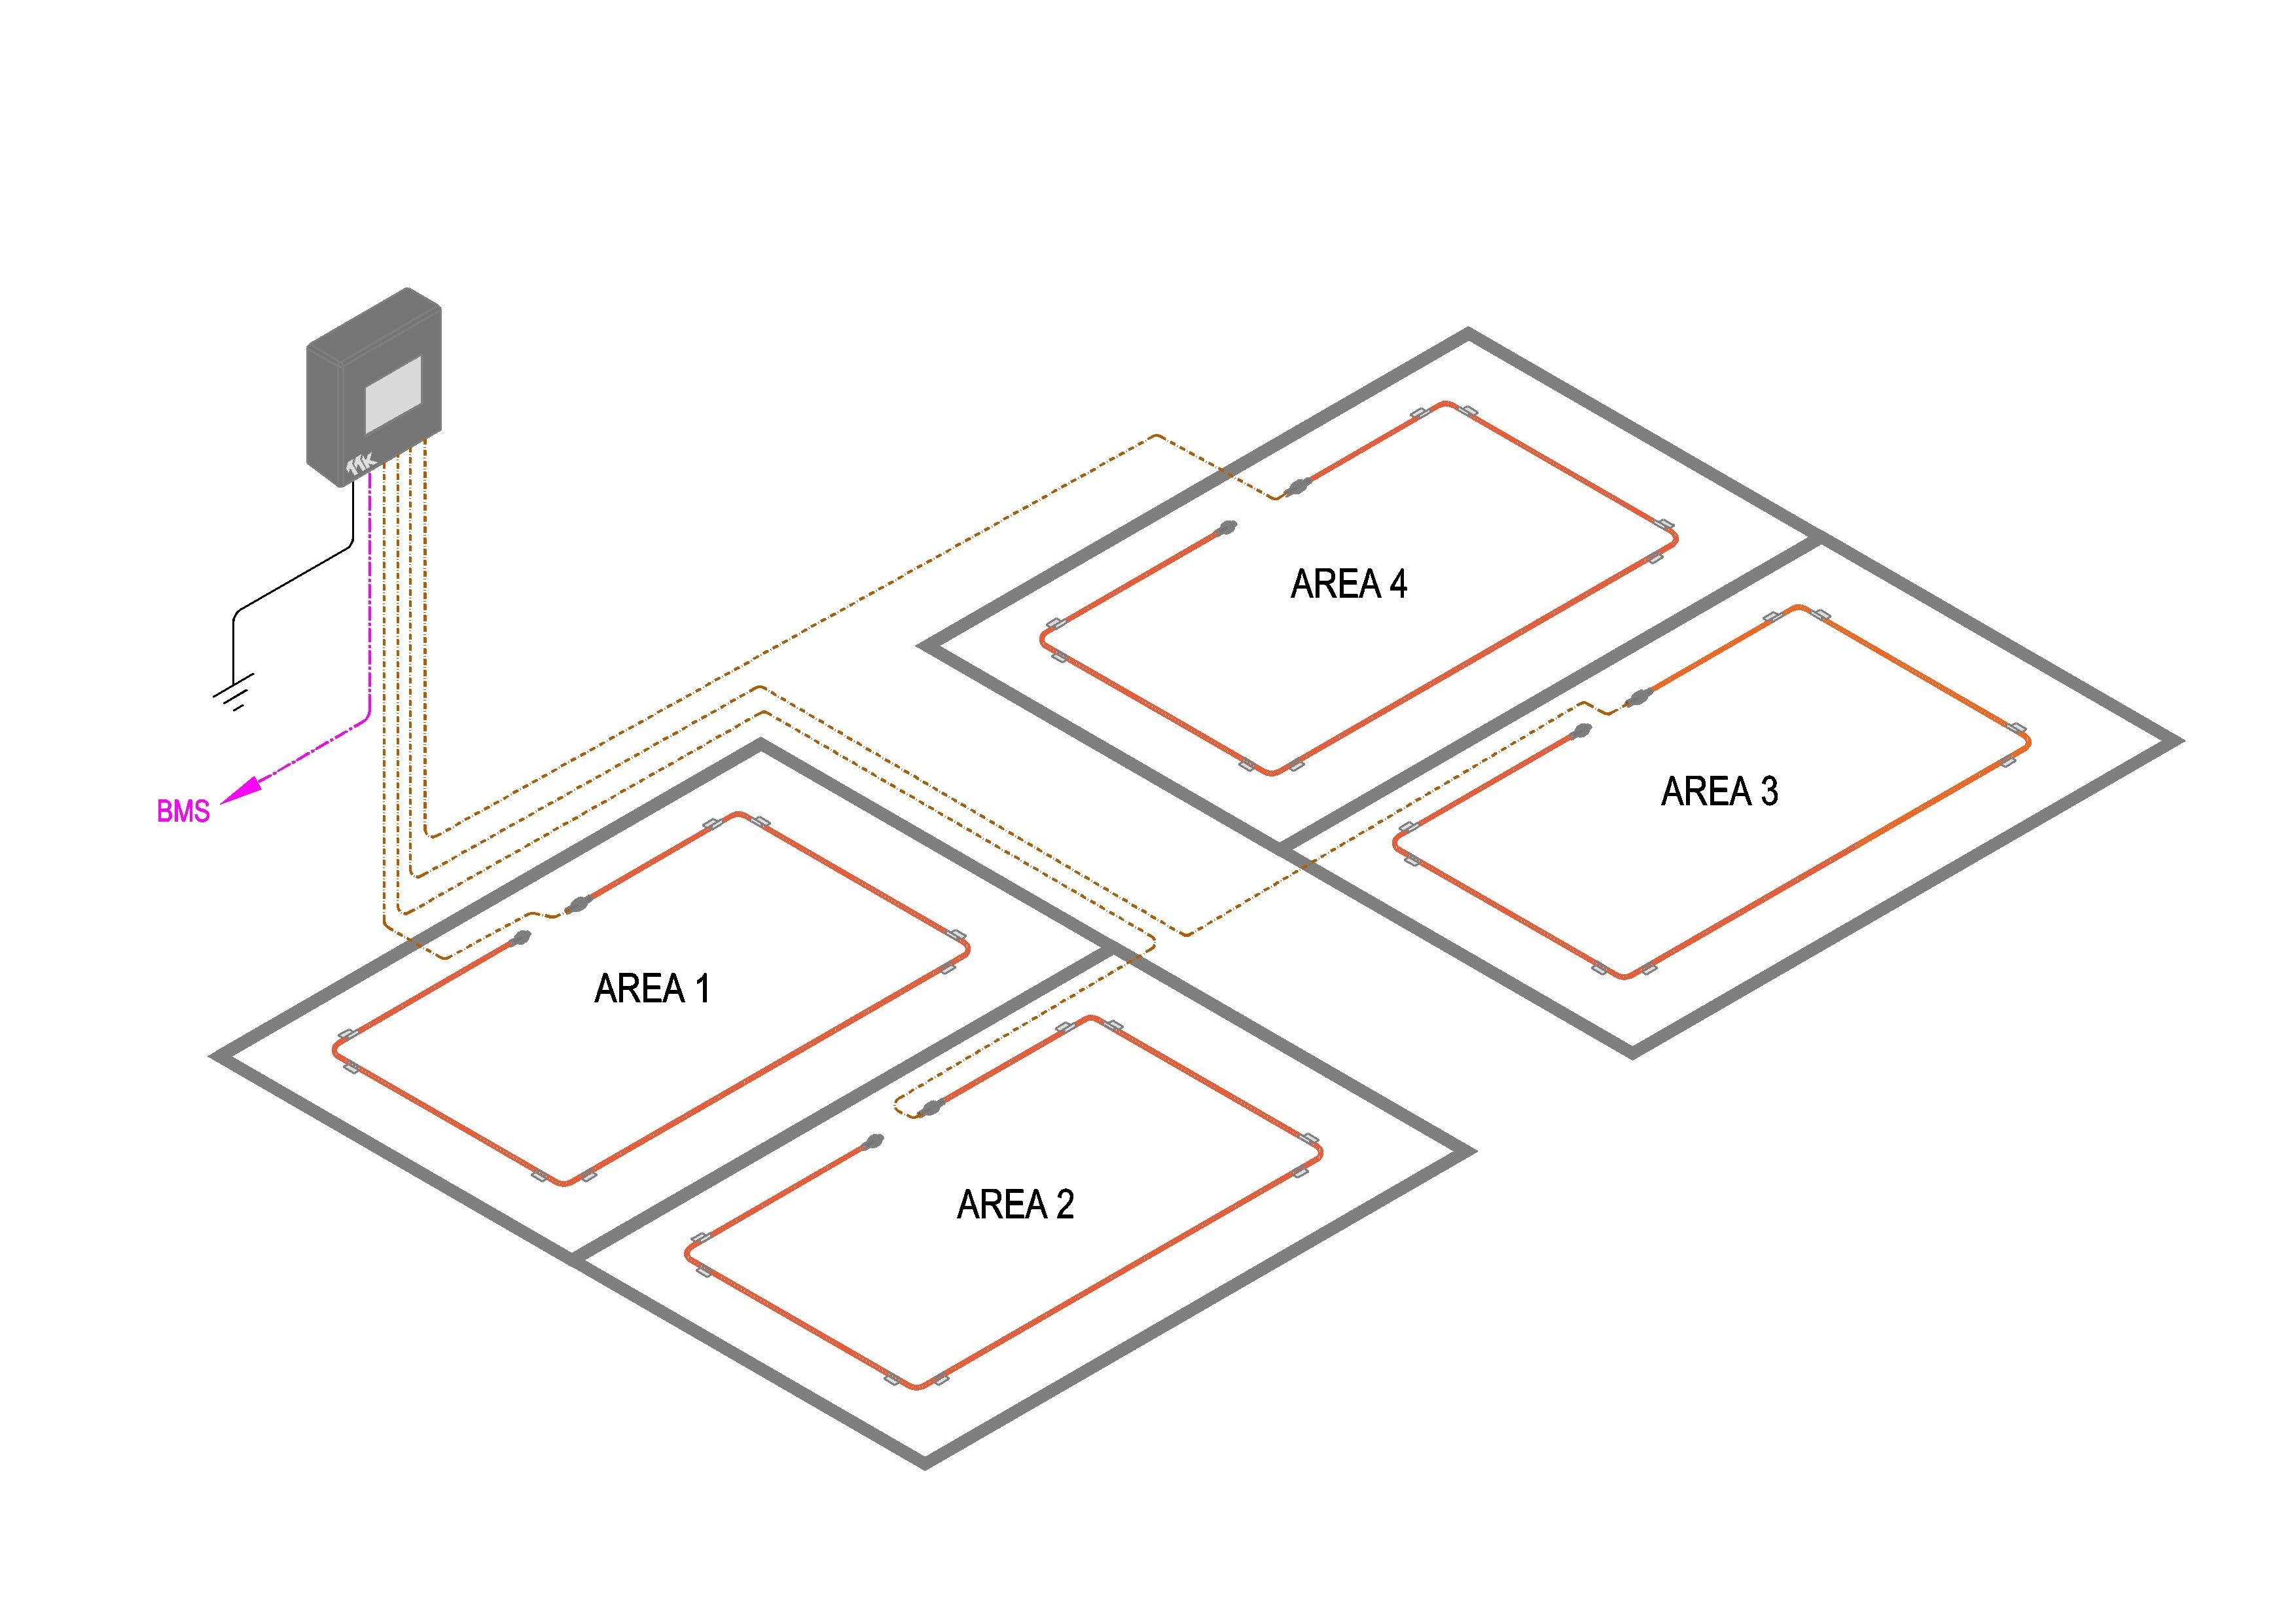 diagramm - Ölleckerkennung Ortungs-Lösungskonzepte MIT FG-ALS4-OD-EINHEIT